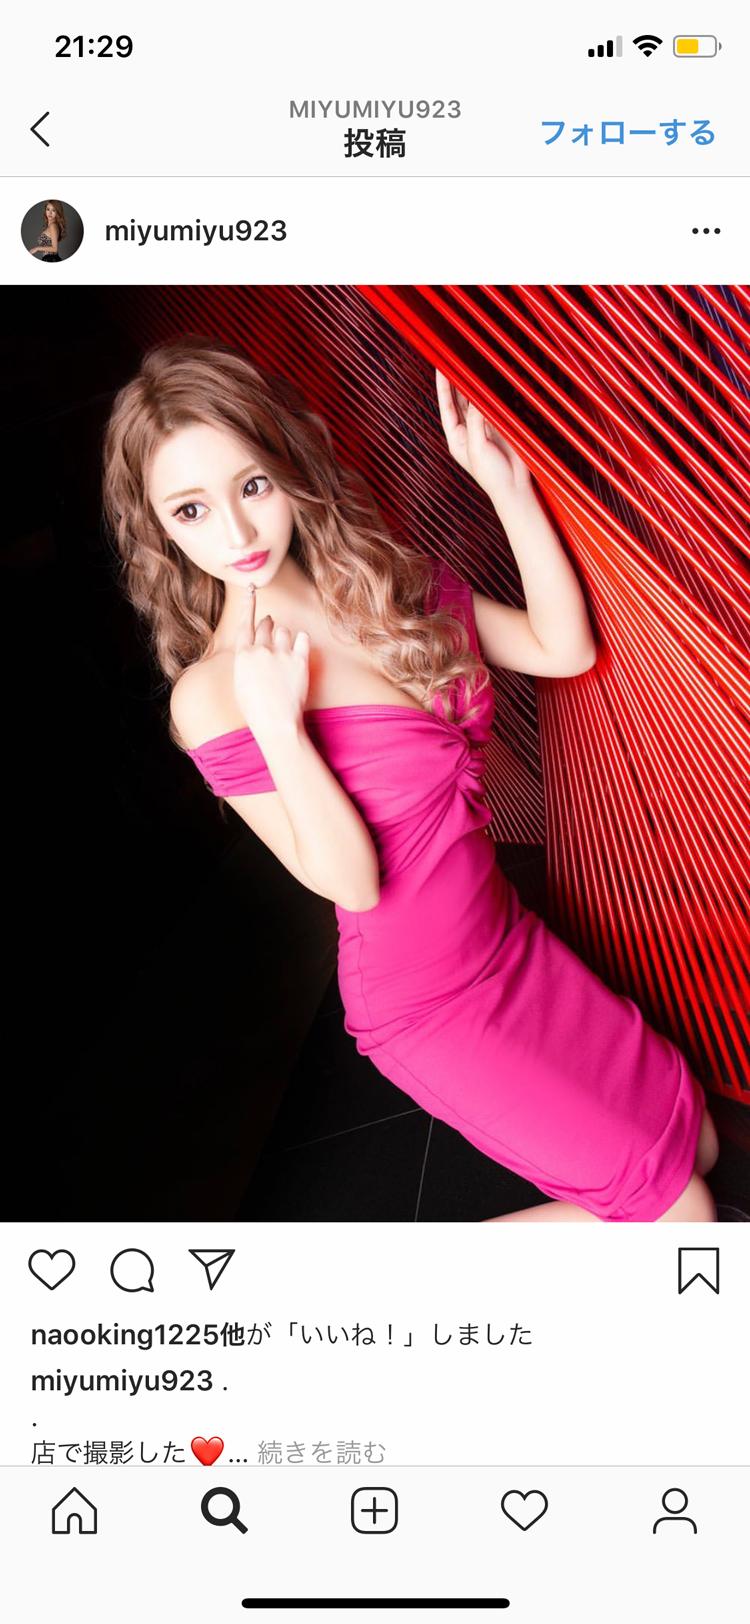 みゆはNOダイエット!!ヤセる努力よりセクシードレスで美をキープ♡